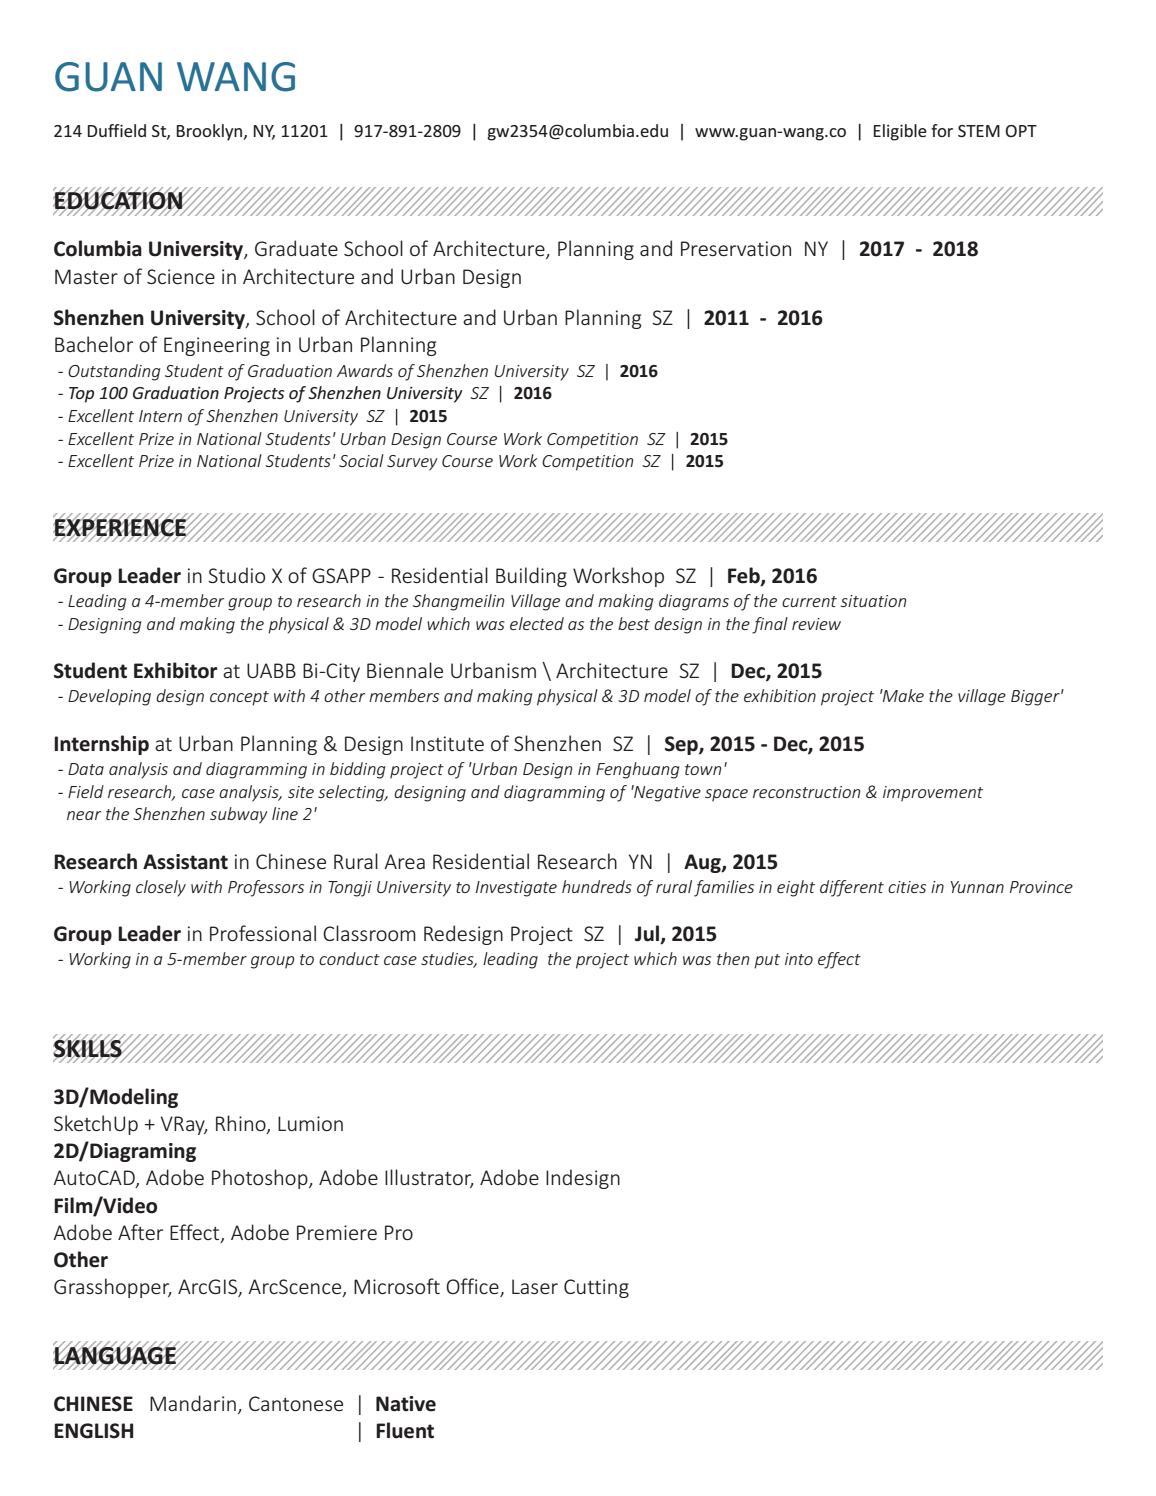 Resume of guan wang by Guan Wang - issuu